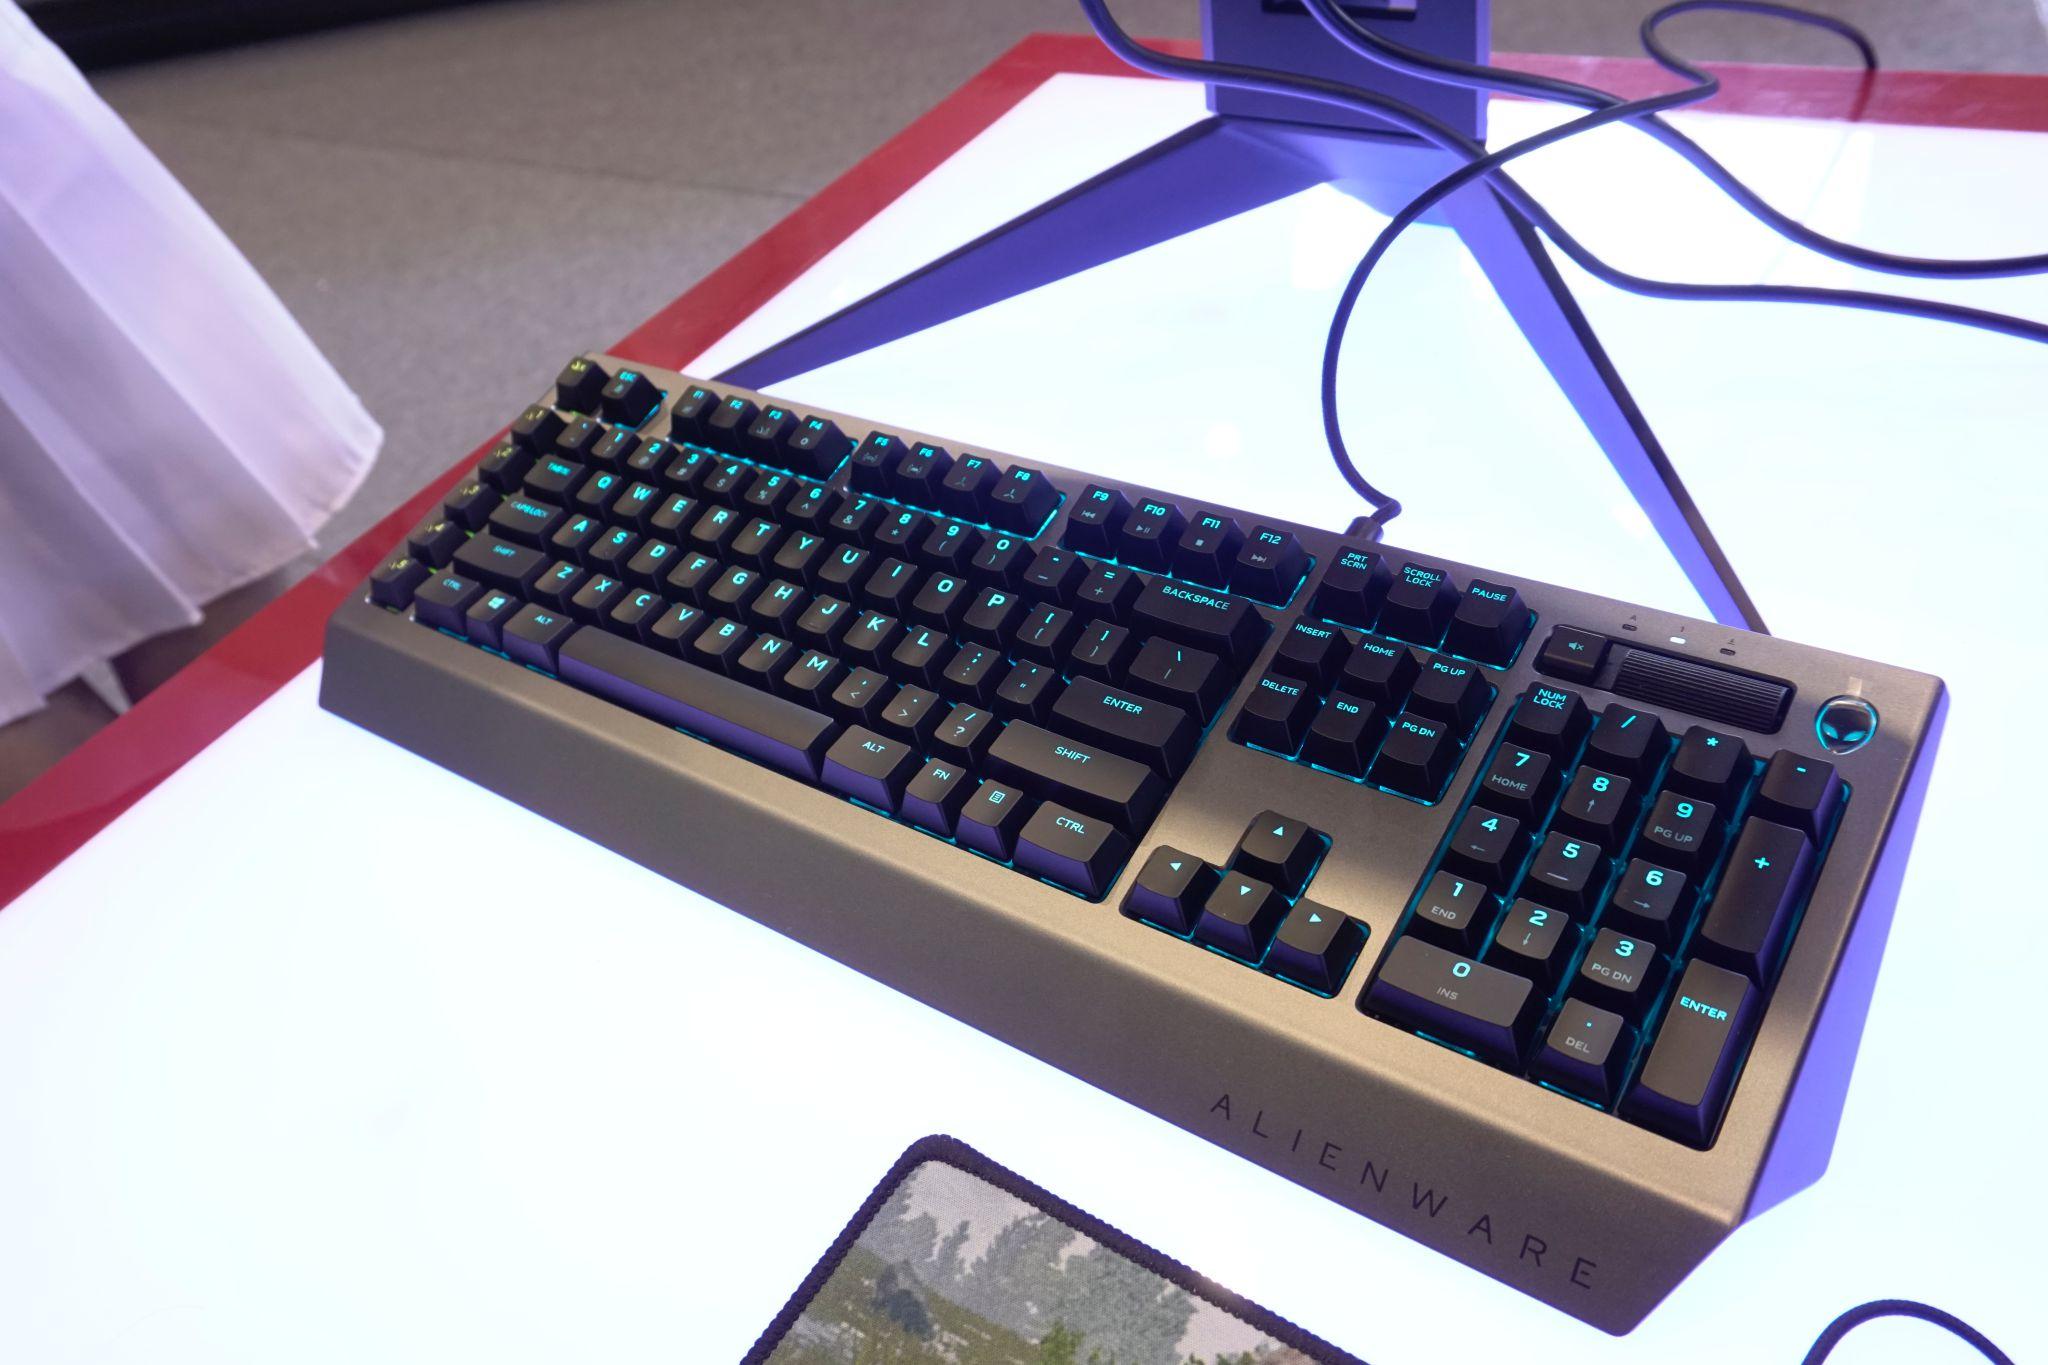 tinhte_alien_keyboard.JPG